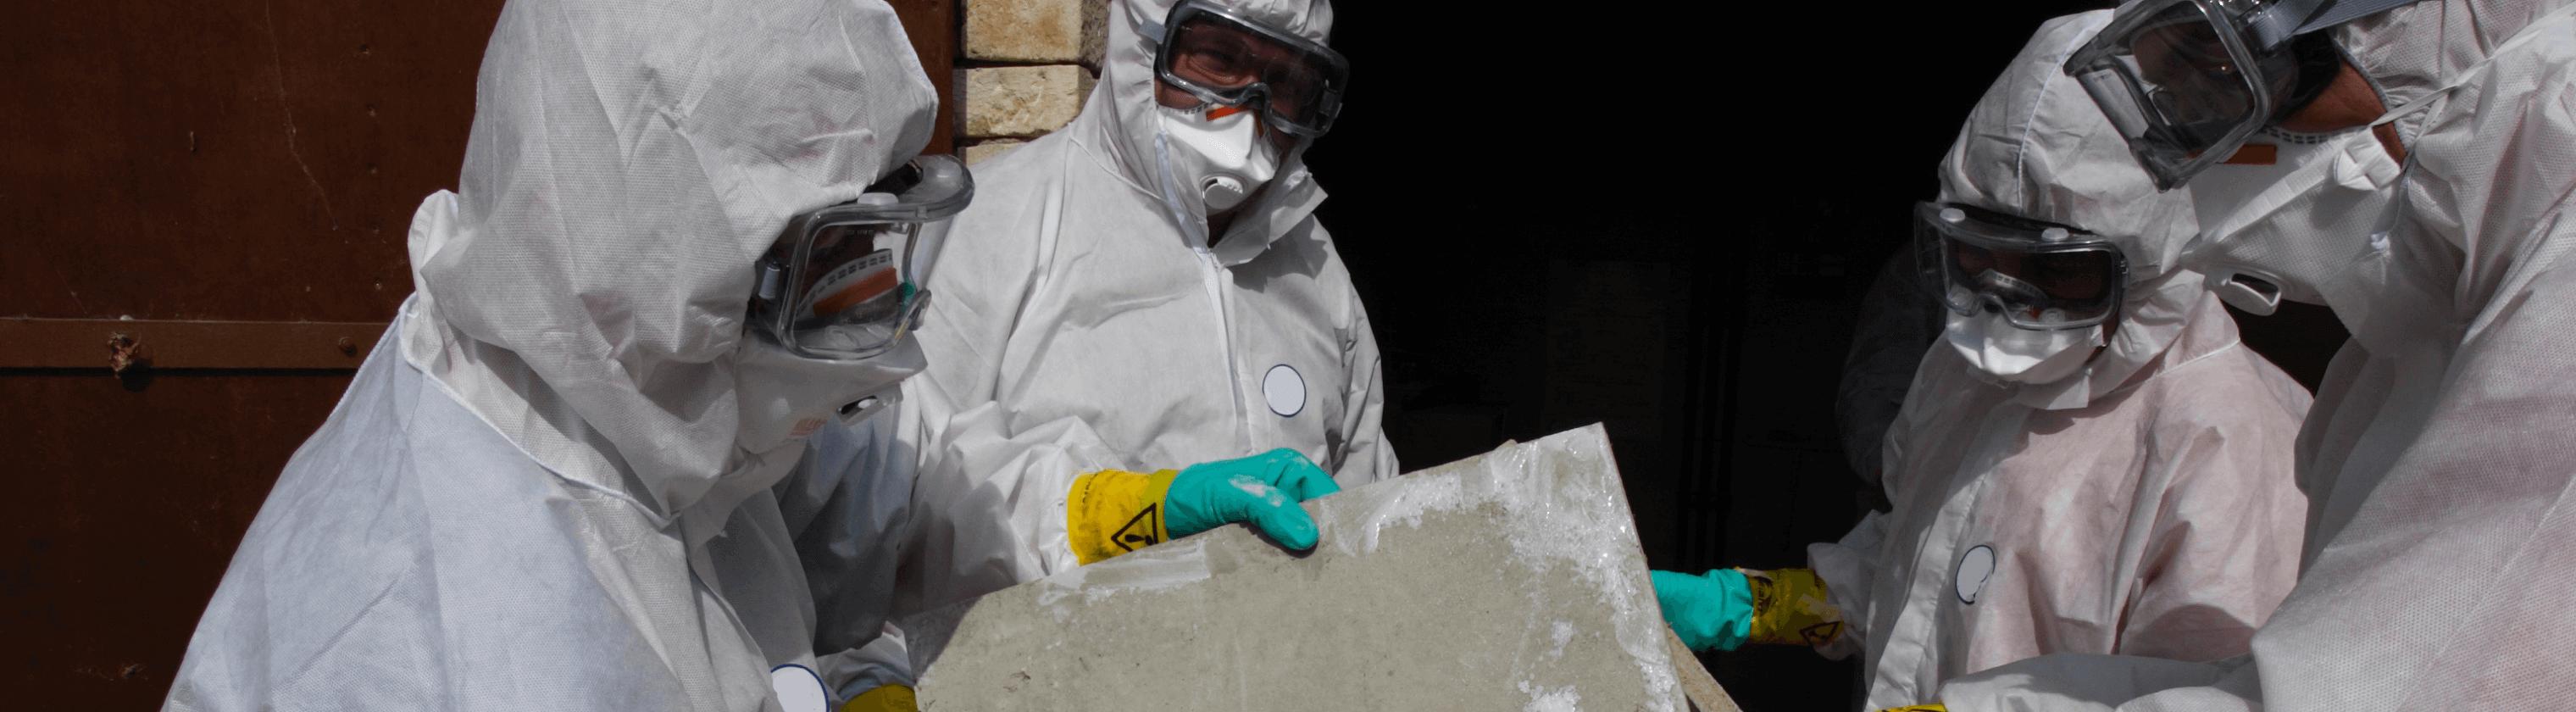 astbestsanierung astbest muenchen 1 - Asbestsanierung